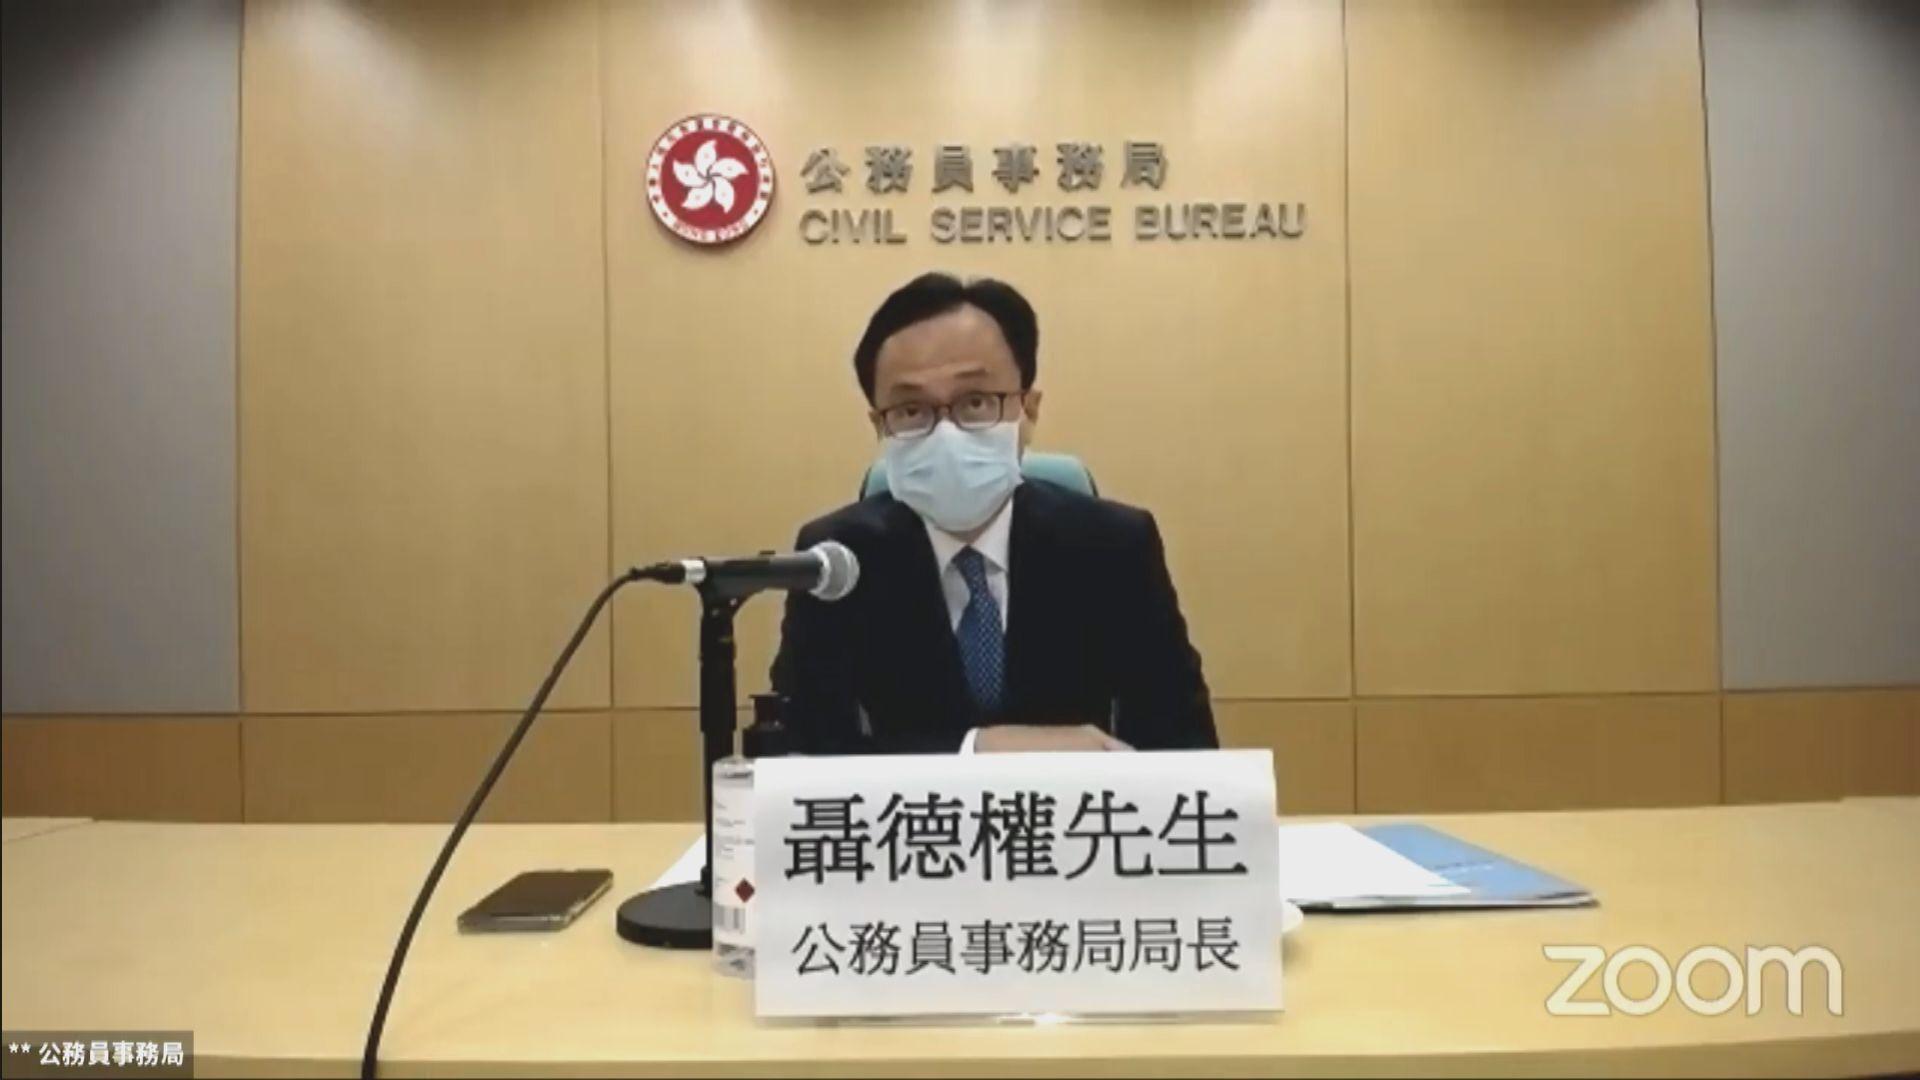 聶德權:公務員持有外國國籍與宣誓聲明無矛盾